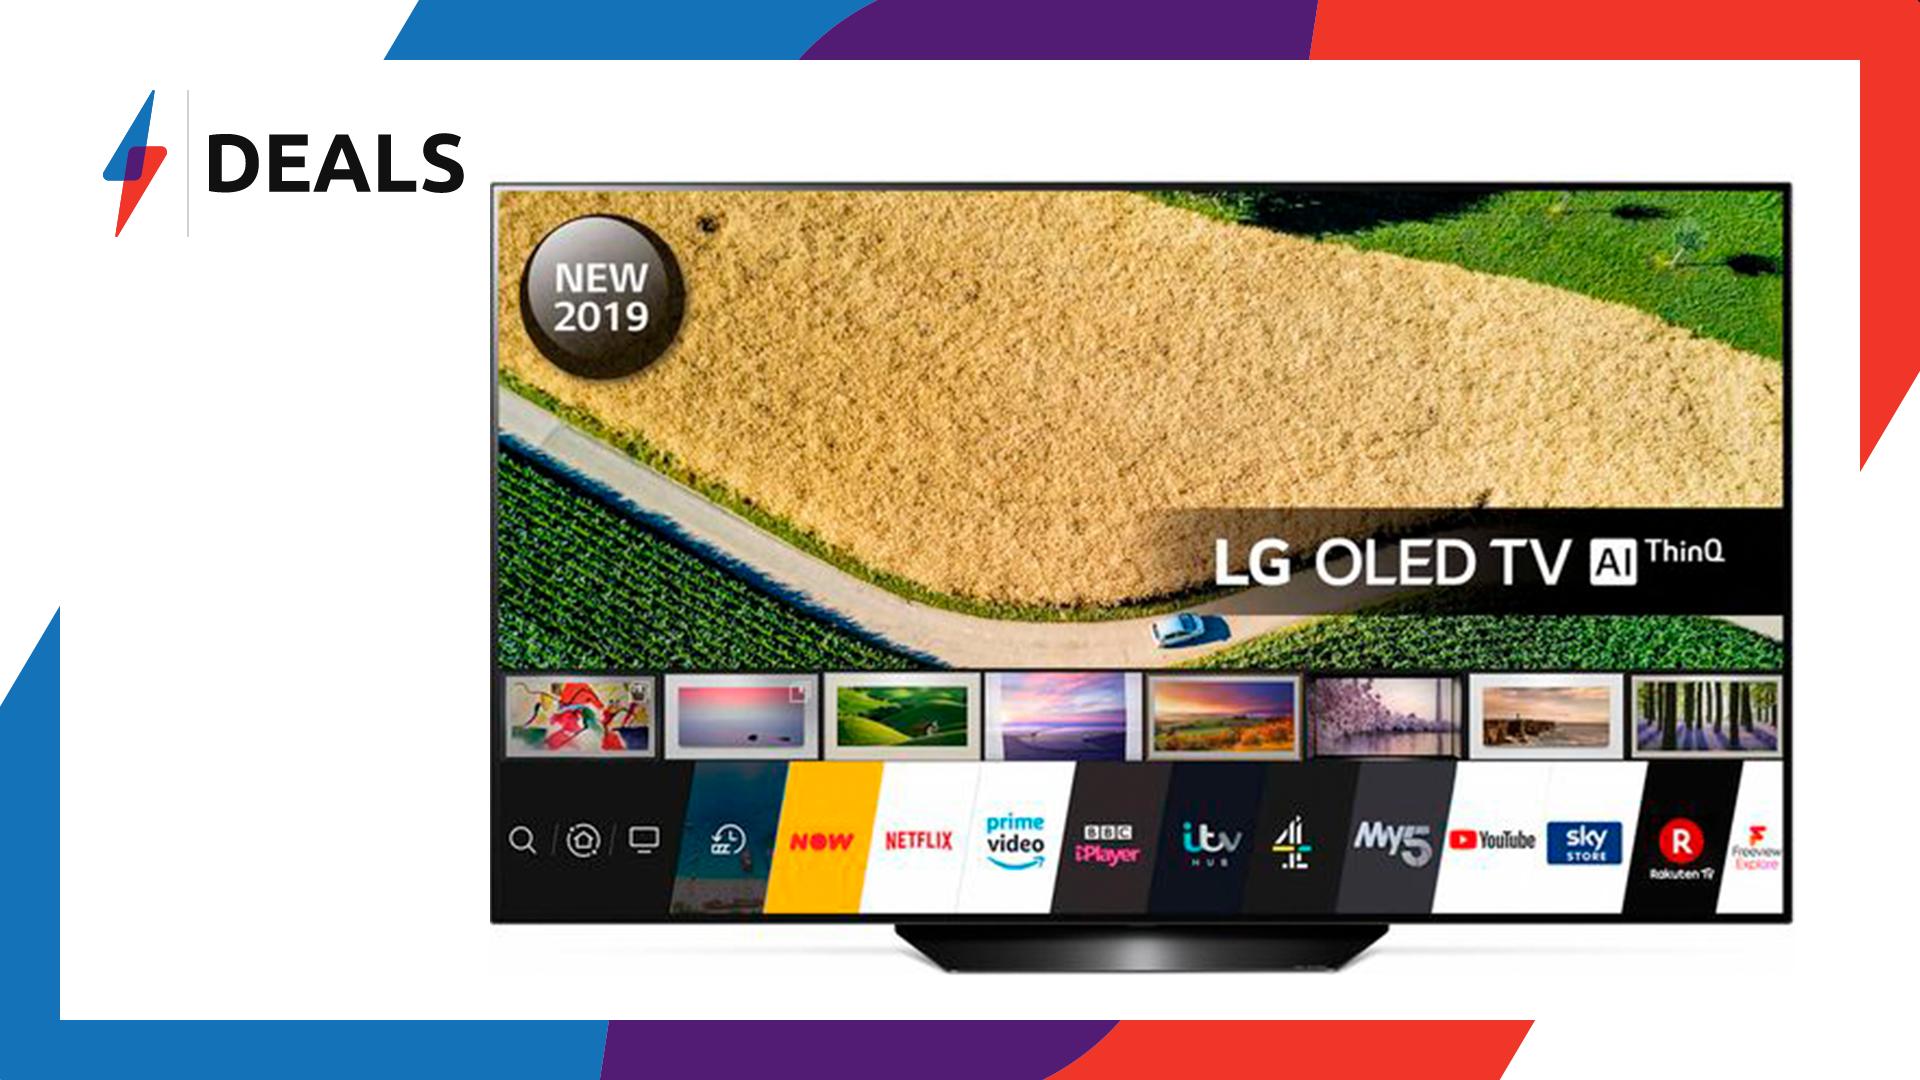 LG-55-B9PLA-OLED-TV-Deal.png